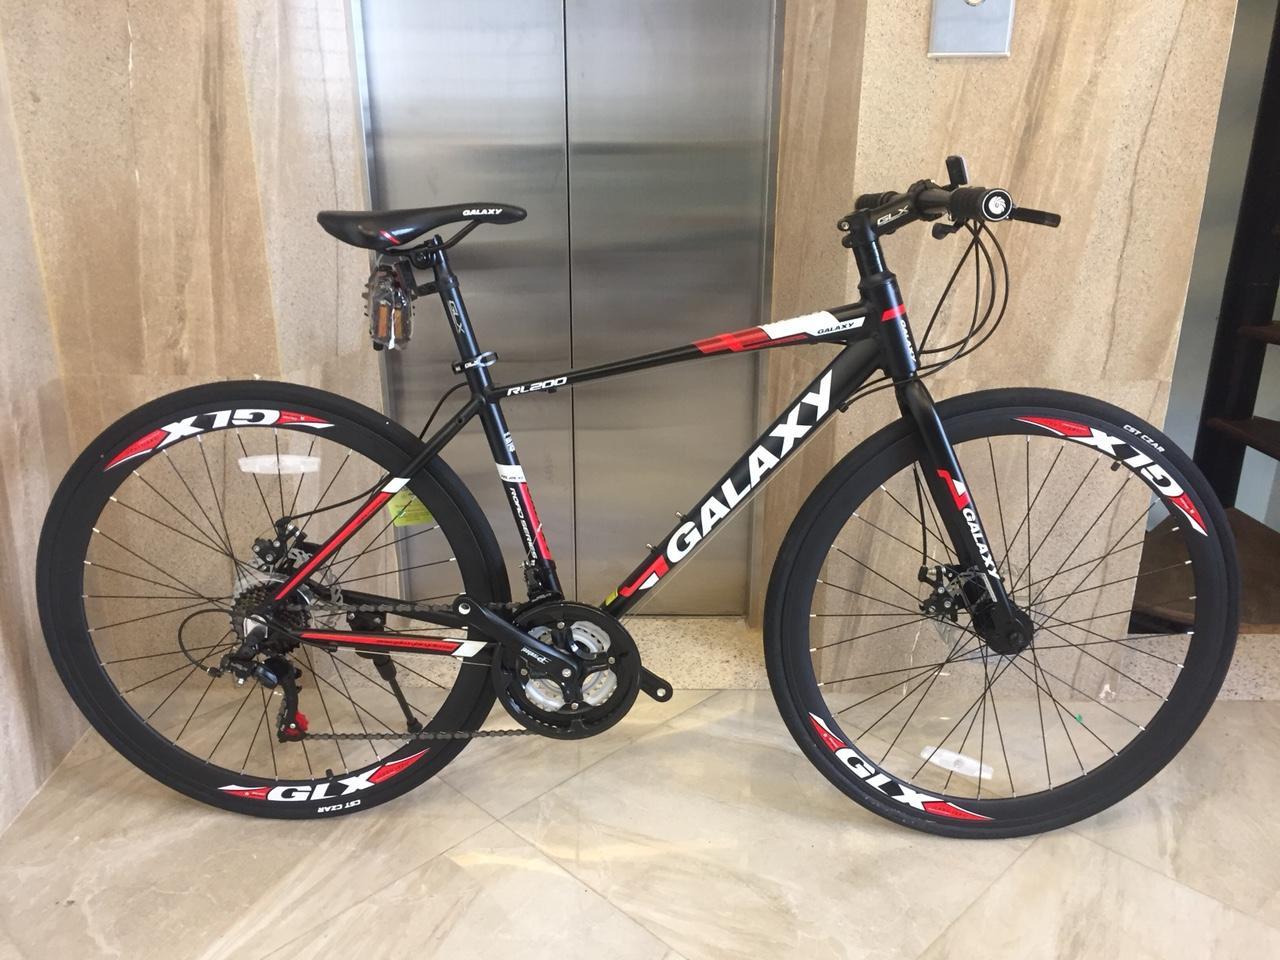 xe đạp thể thao GALAXY RL200 2018